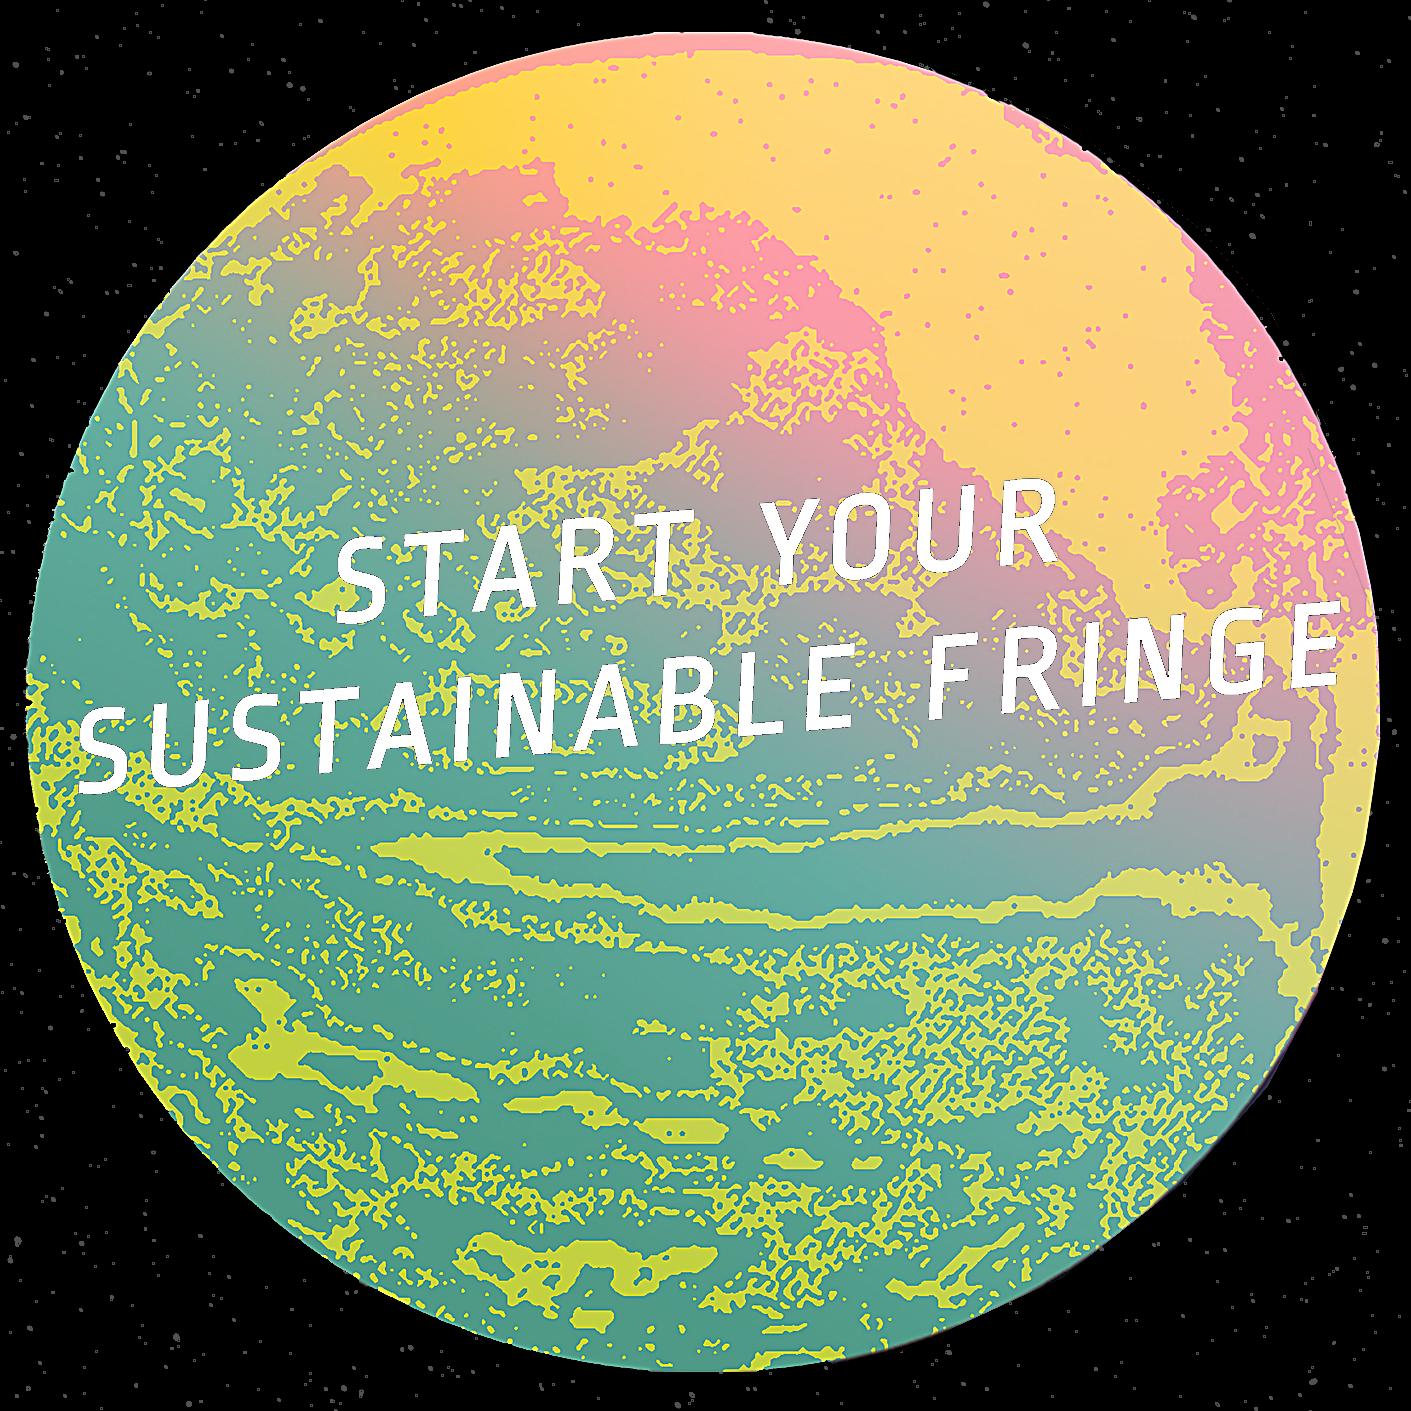 Start Your Sustainable Fringe